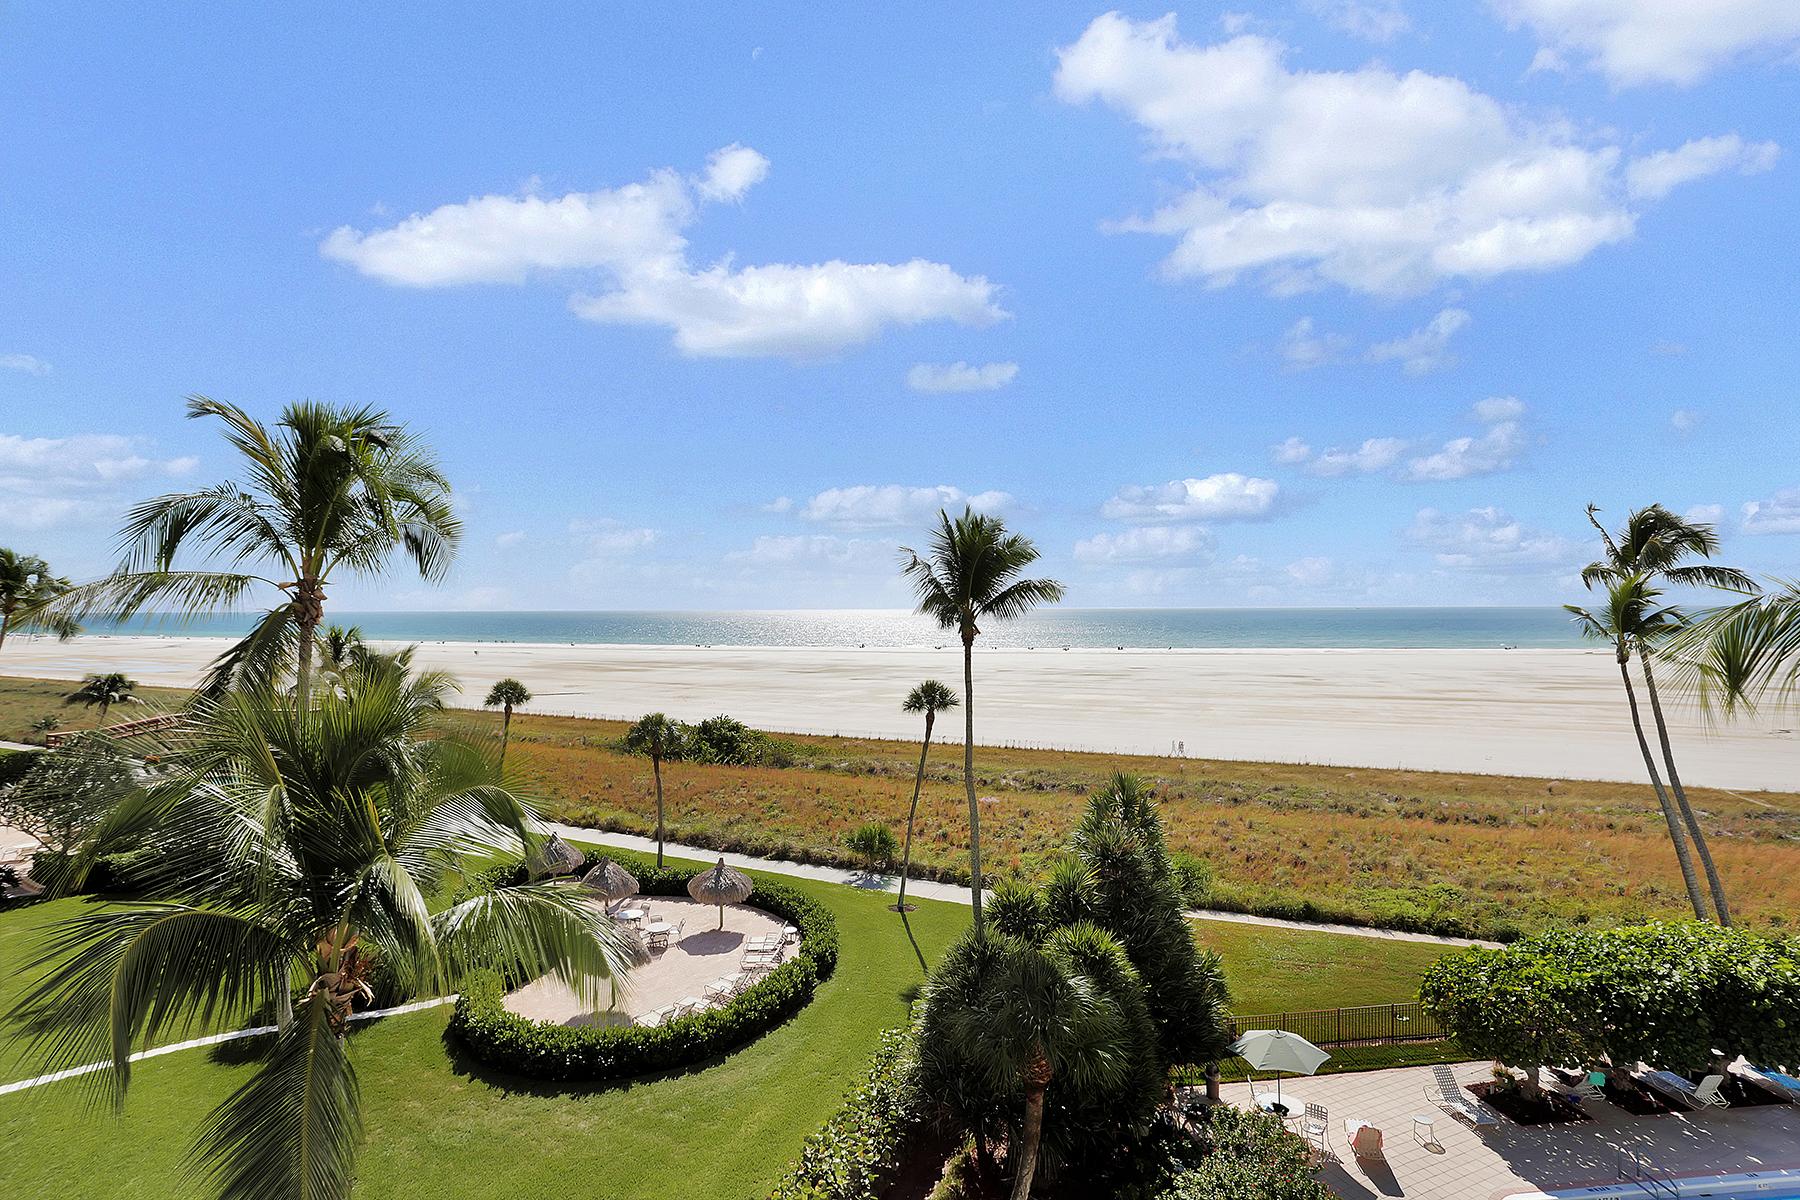 Condominium for Sale at EMERALD BEACH 500 Saturn Ct 053 Marco Island, Florida, 34145 United States